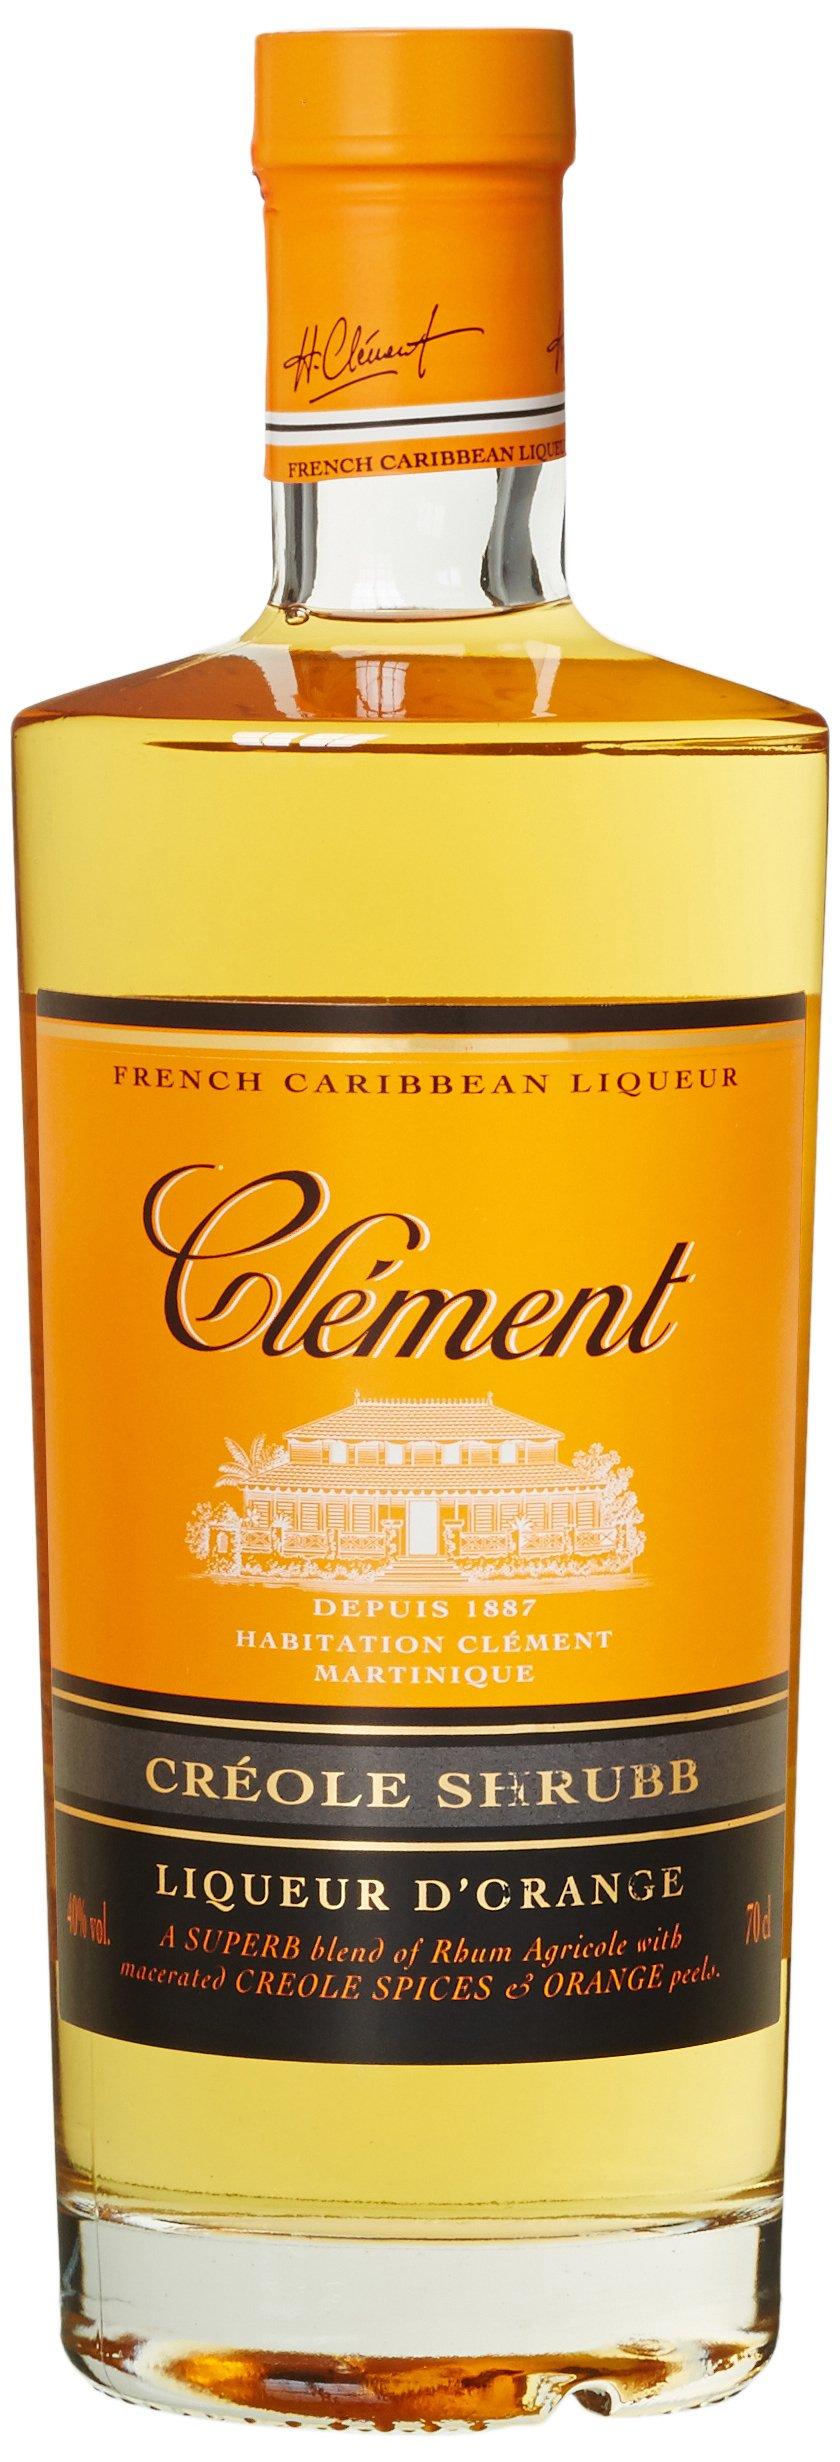 Clment-Crole-Shrubb-Rum-1-x-07-l